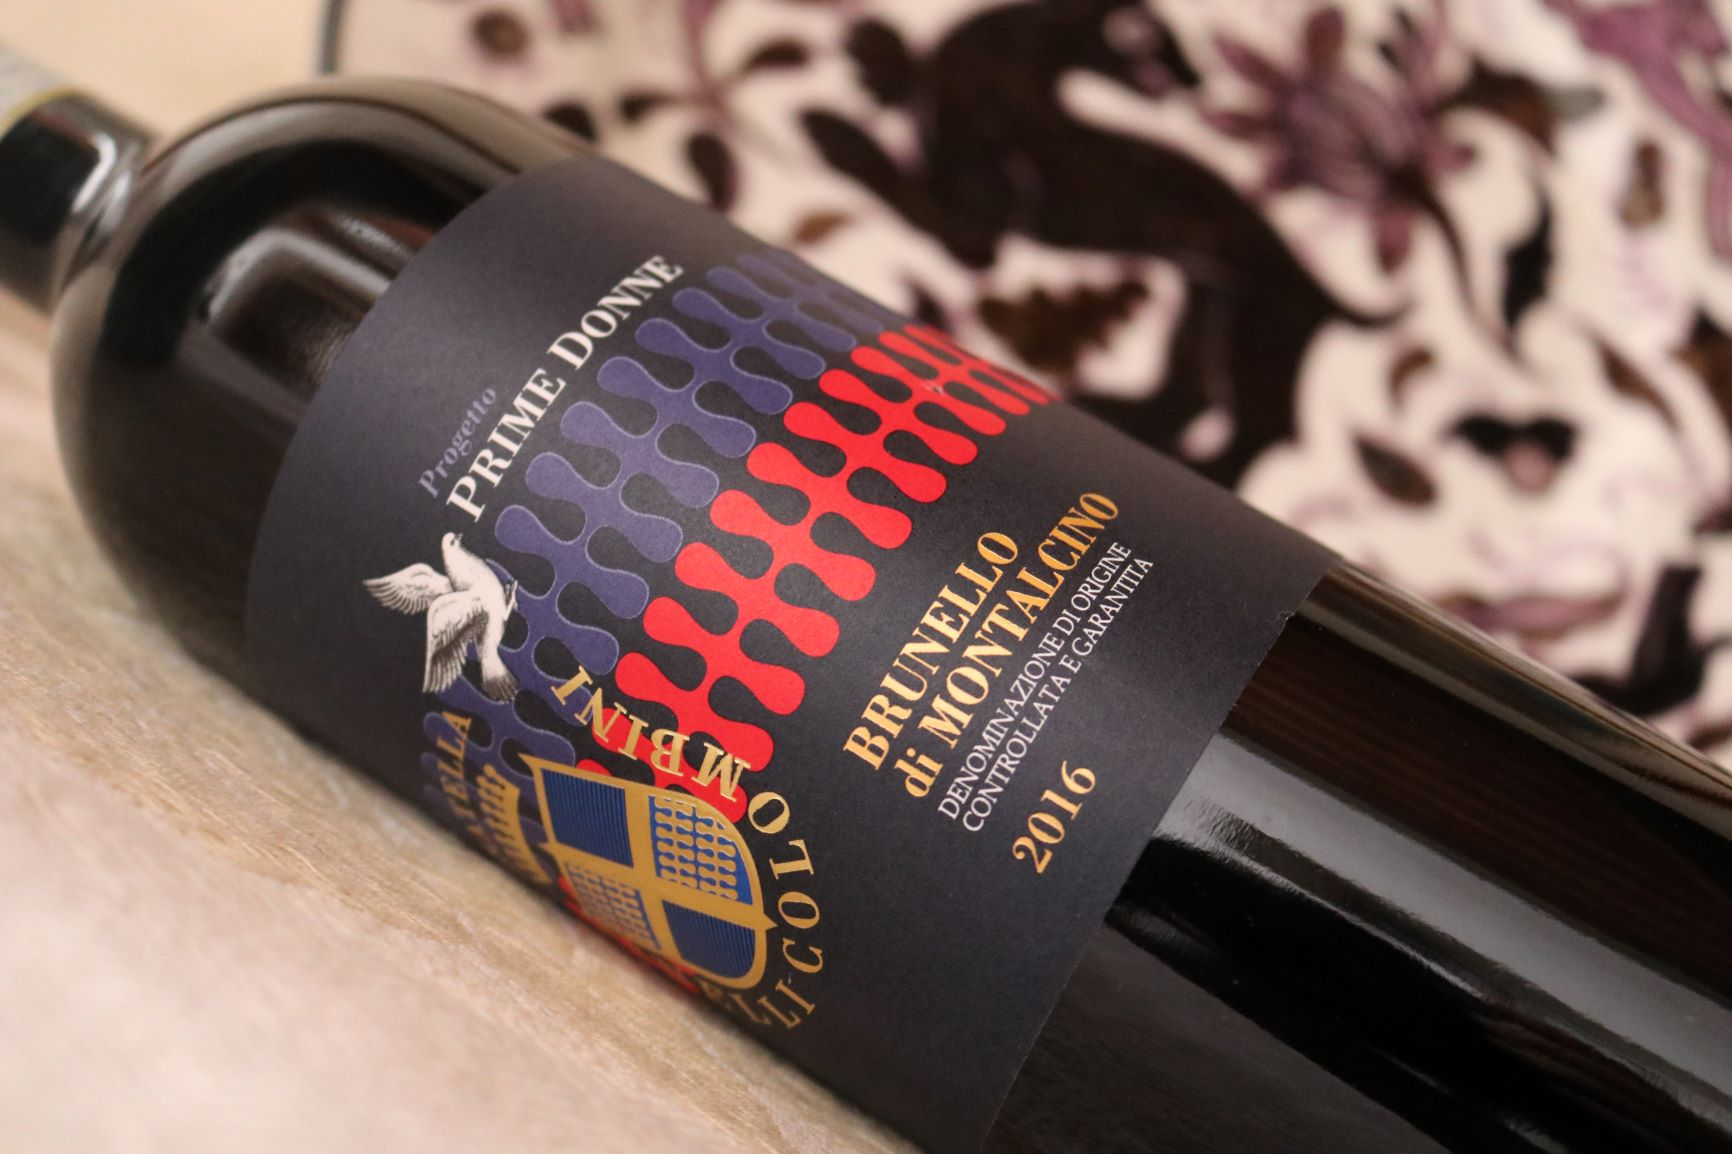 Grado-alcolico-in-aumento-negli-ultimi-30-anni-in-Borgogna-California-Piemonte-e-Toscana